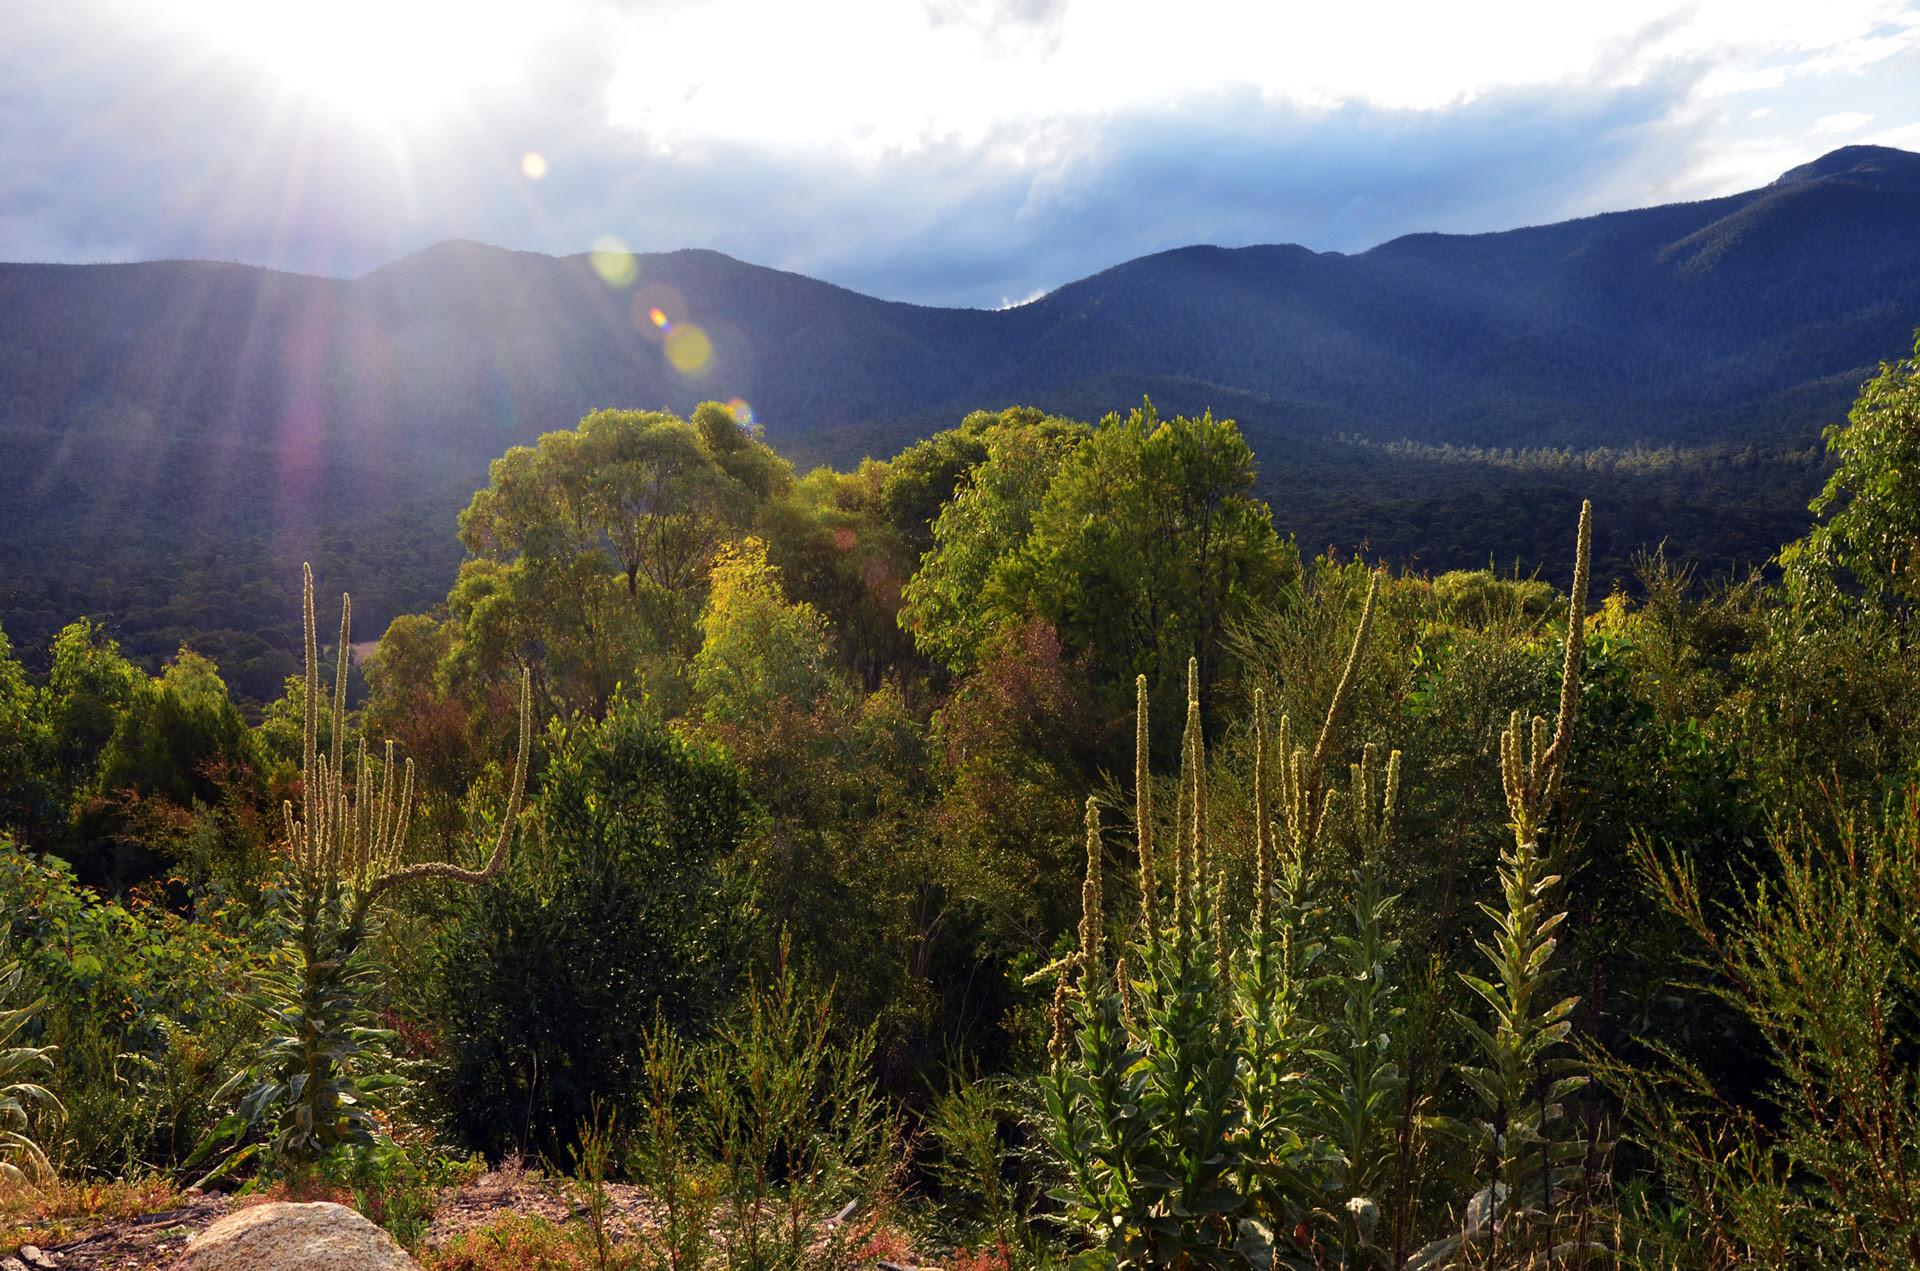 Durante este 2020, han ardido en Australia casi 11 millones de hectáreas de bosque y zonas verdes y han dejado unos 3.000 millones de animales muertos o heridos, sobre todo en los territorios de Nueva Gales del Sur y Victoria, los más afectados por las llamas. A raíz de eso, miles de koalas de estas dos regiones han perdido el 80% de su hábitat natural. Aunque el Gobierno australiano ha invertido 200 millones de dólares para salvar a esos animales y a otras especies, en la recuperación de la fauna y flora está siendo decisivo el turismo